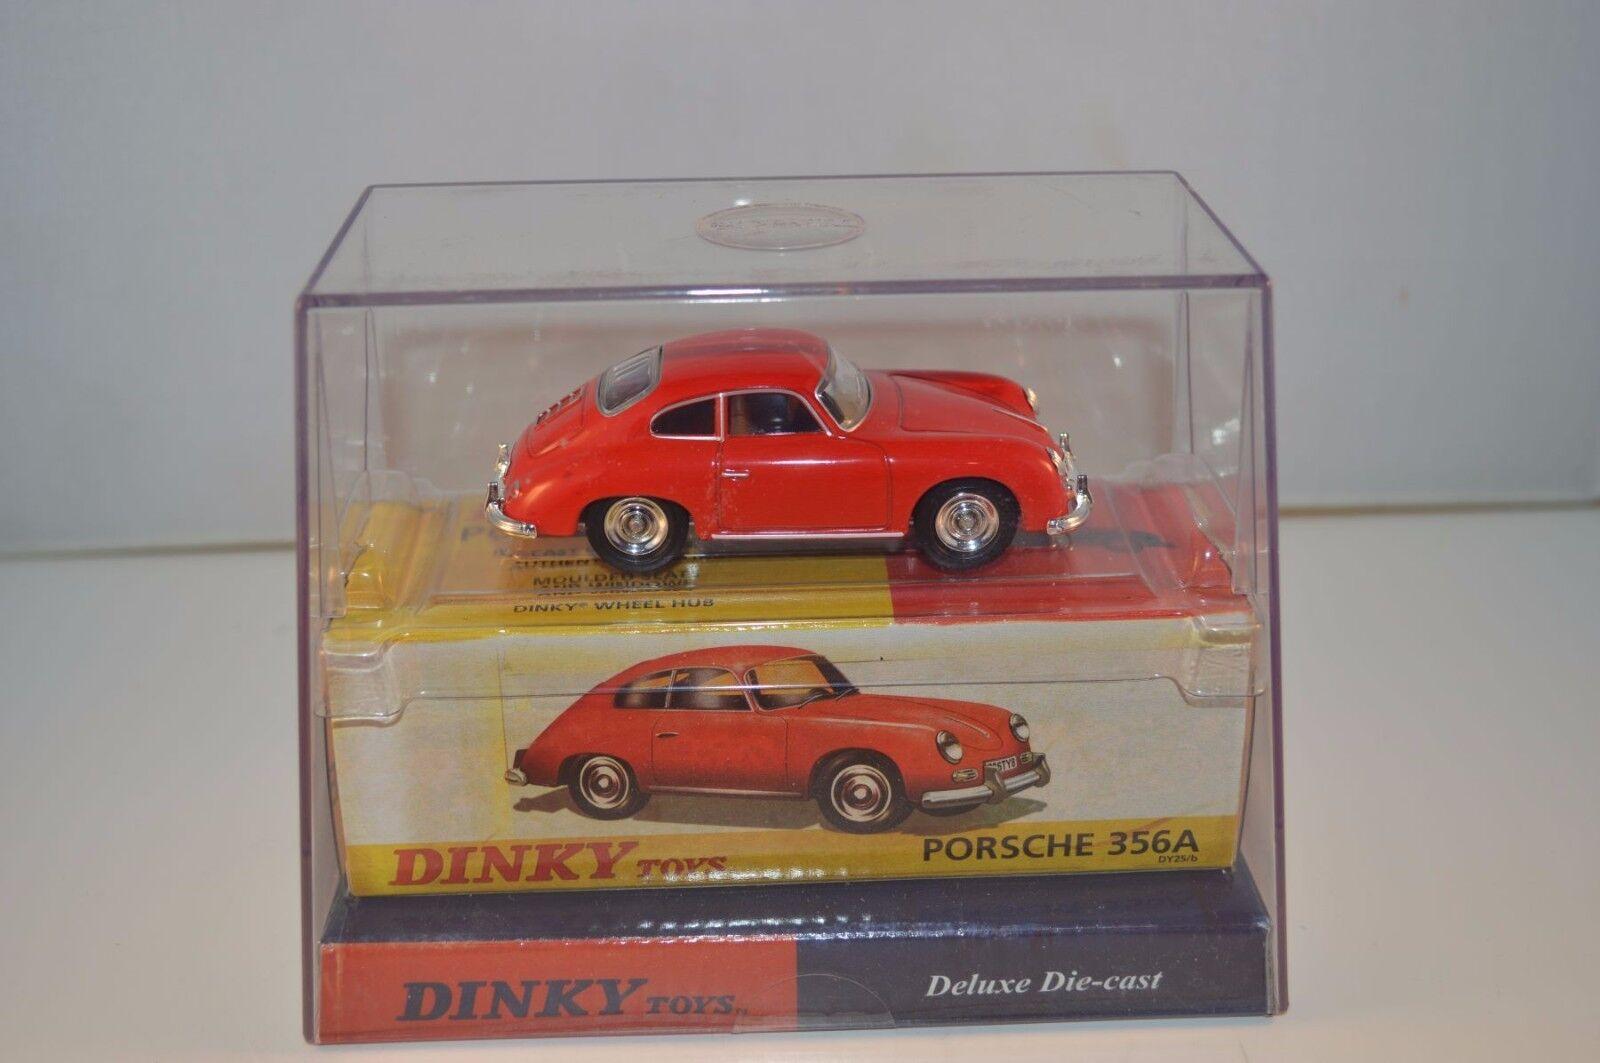 Dinky Toys Matchbox Diecast DY25 b - Porsche Porsche Porsche 356A - Red perfect mint in box 487730